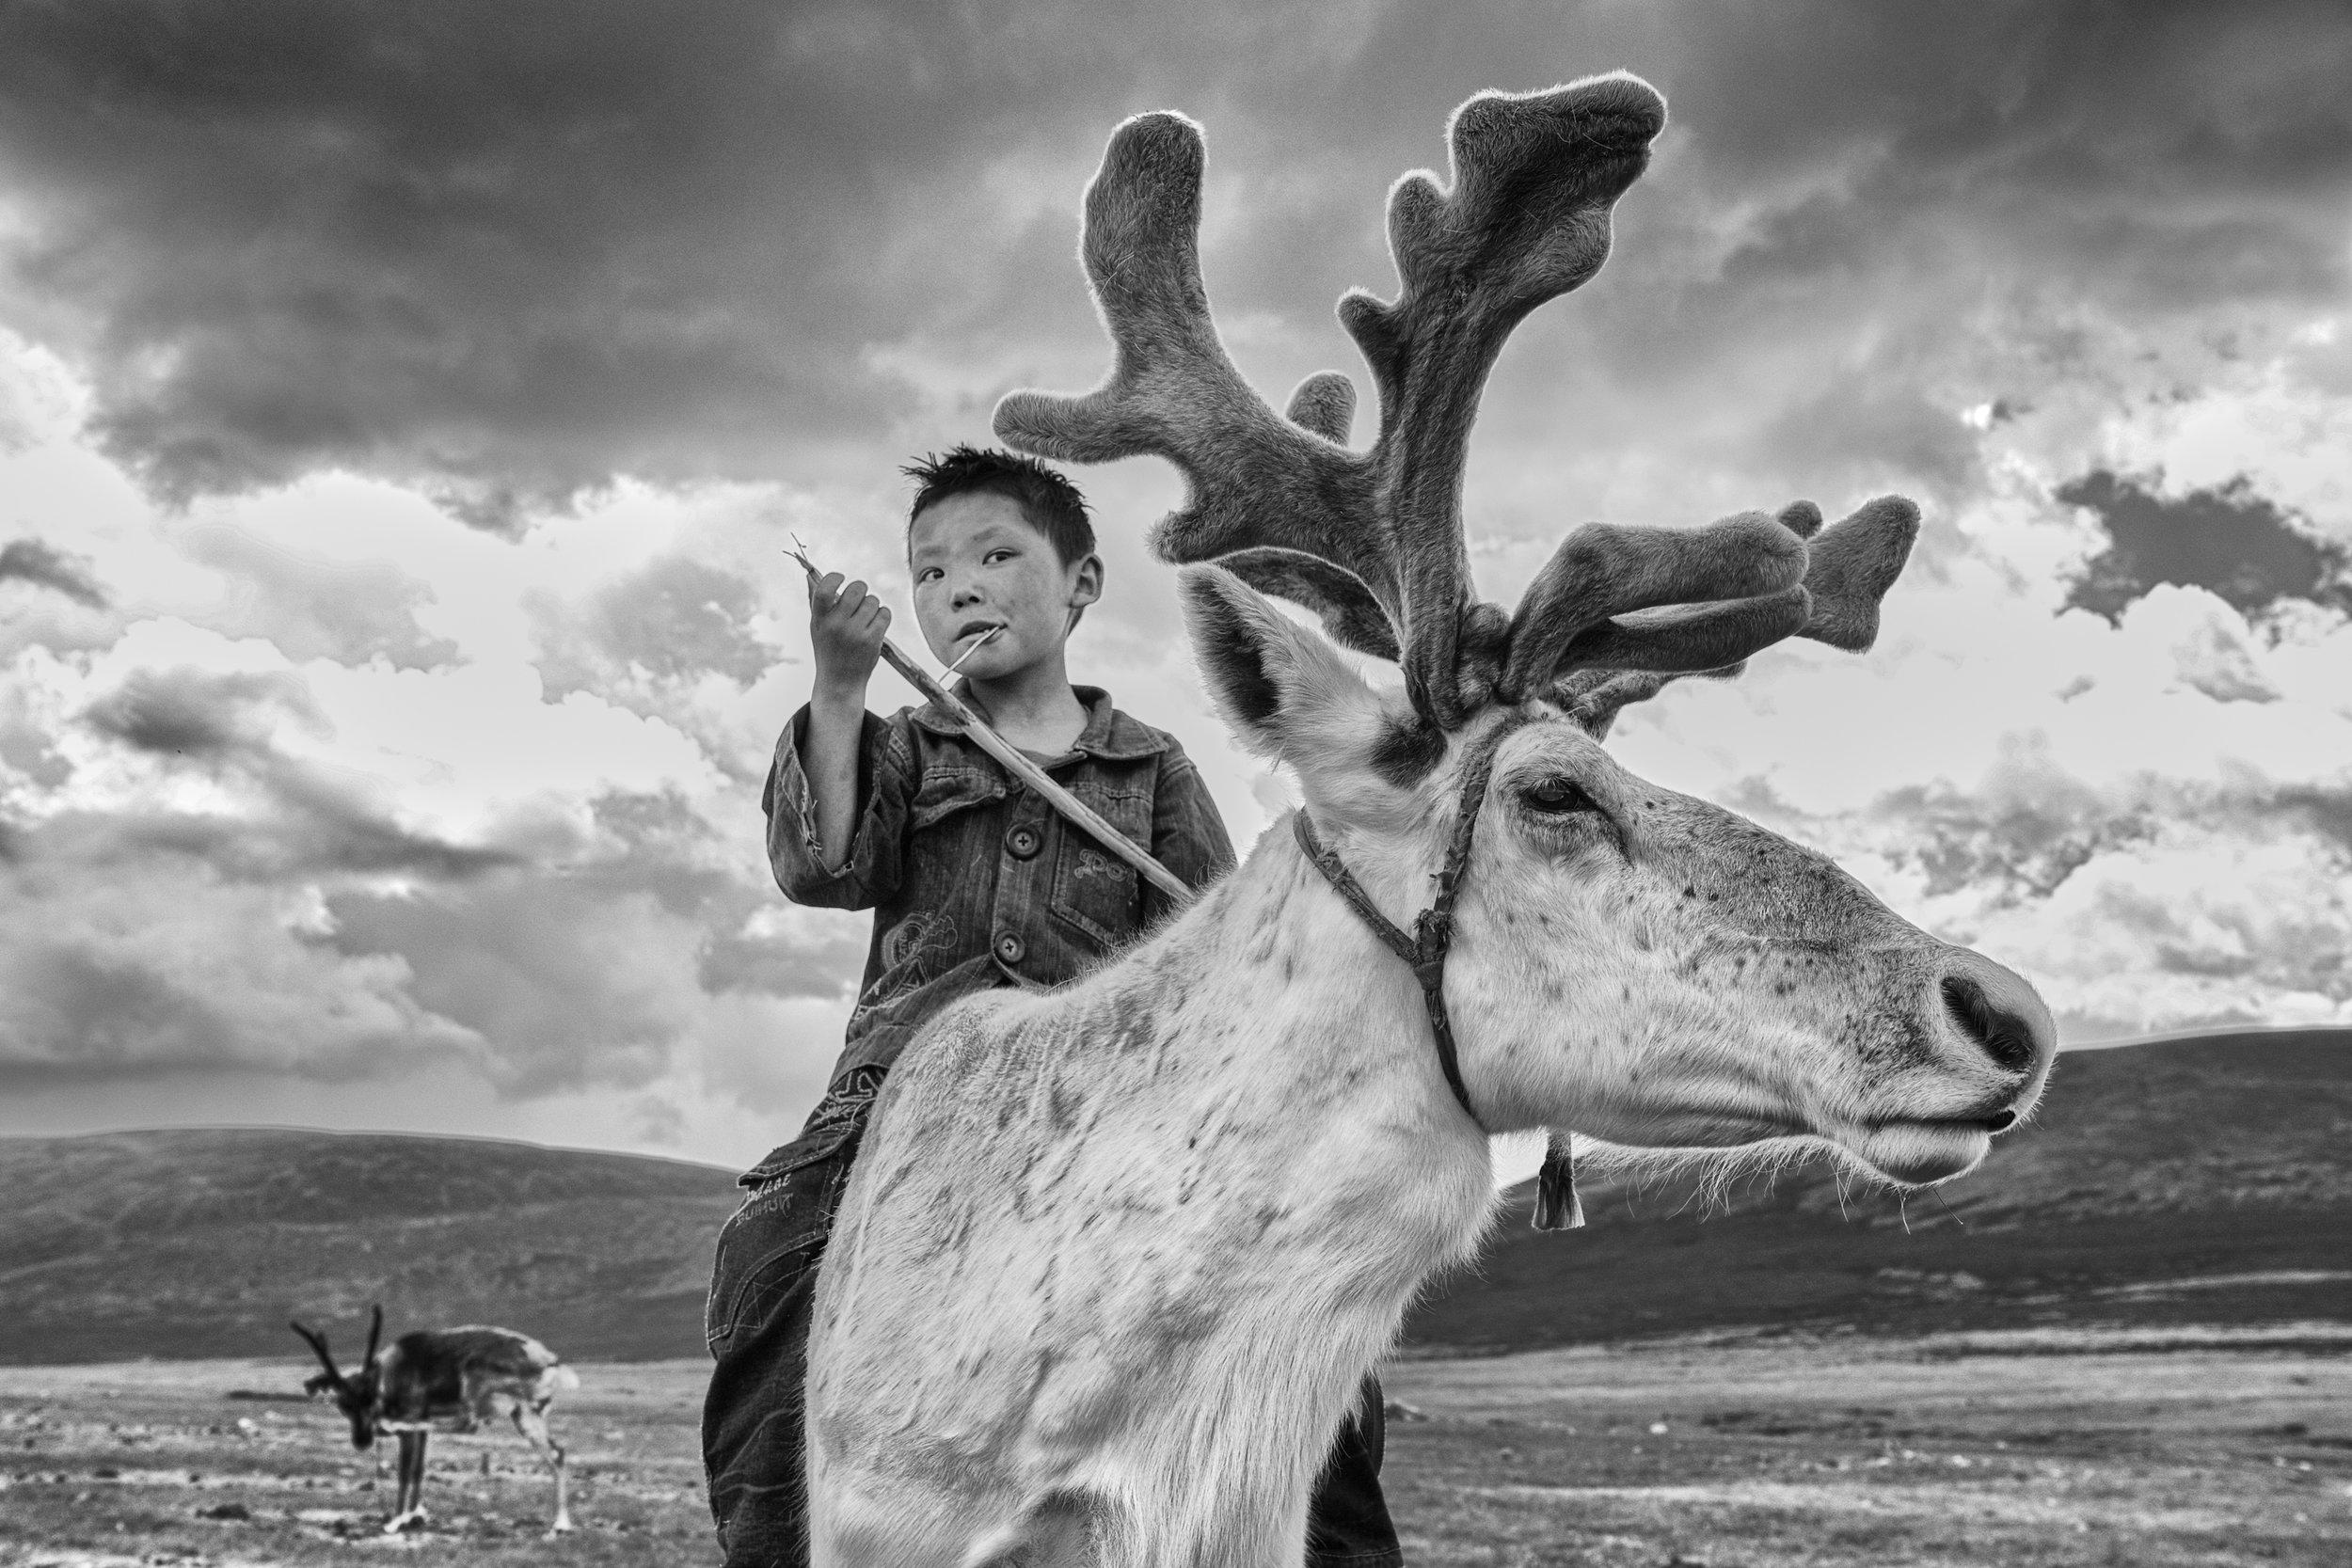 Khasar_TsaatanBoy_Temuujin_UlaanTaiga_Summer_Huvsgul_Mongolia_2013.jpg